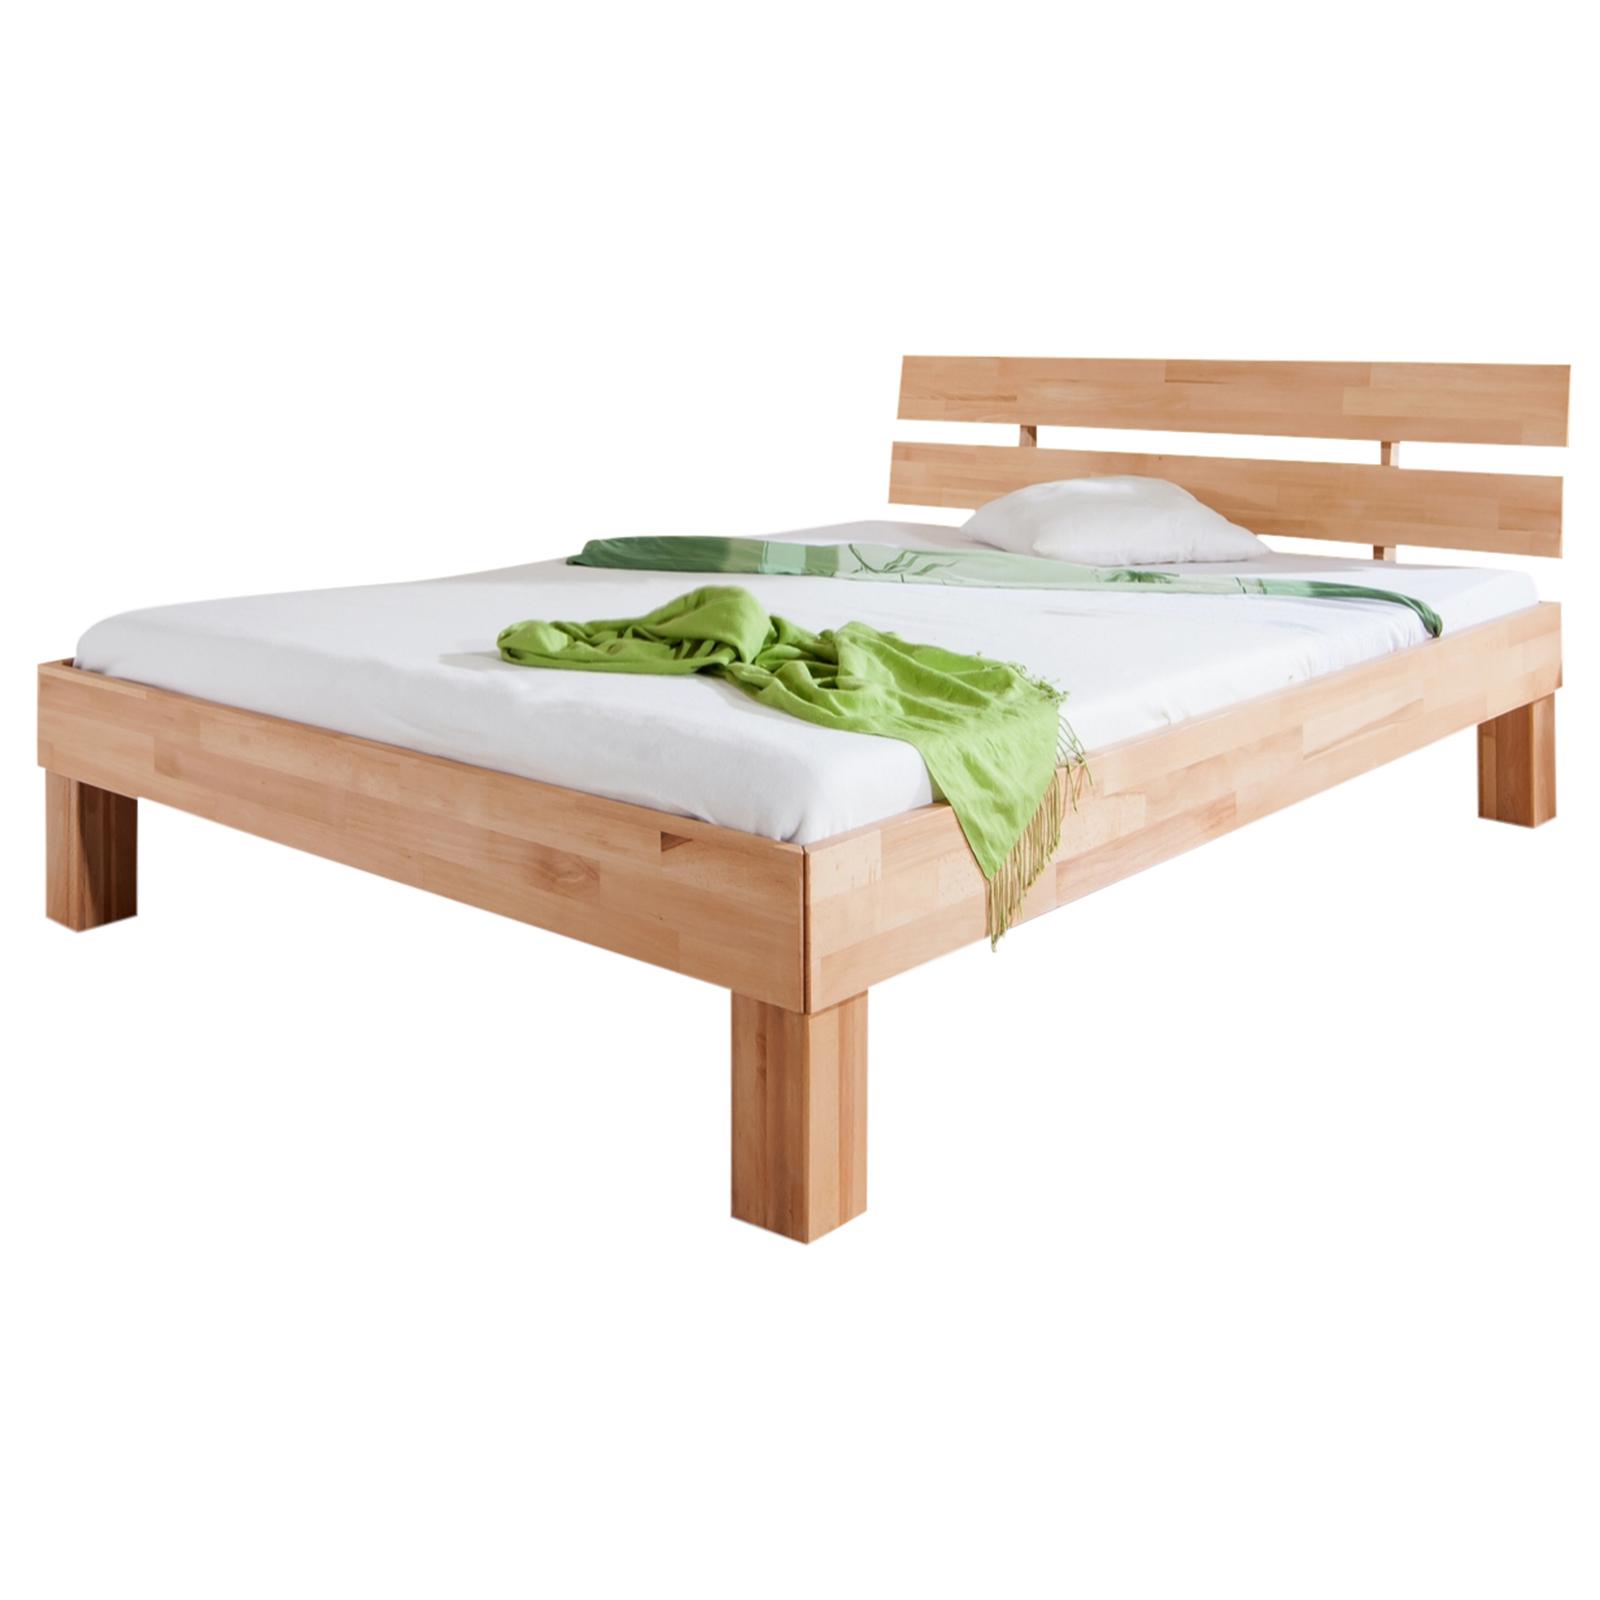 Full Size of Futonbett Julia Buche Massiv Gelt 100x200 Cm Online Bei Betten Bett Weiß Wohnzimmer Futonbett 100x200